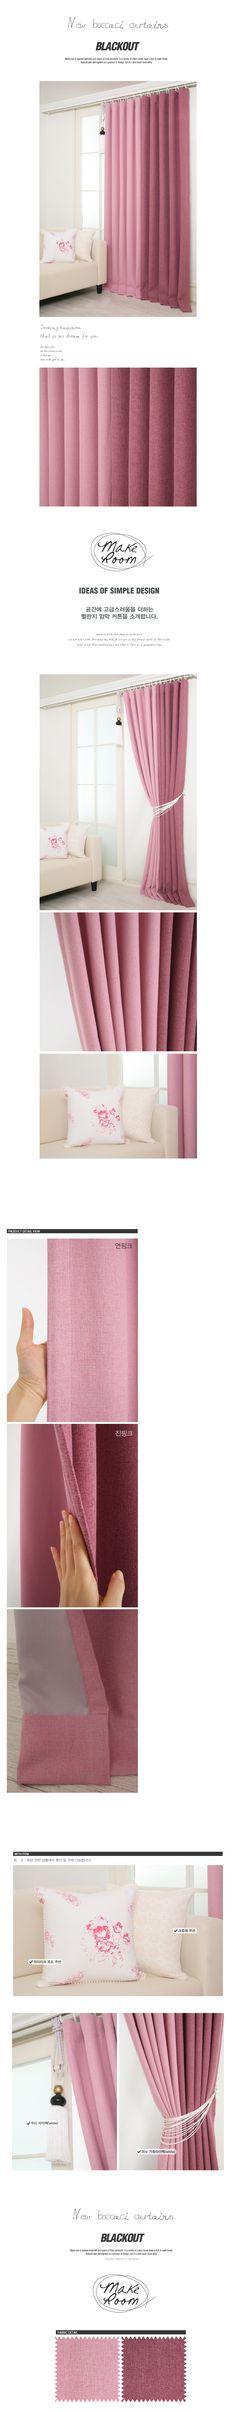 메이크룸 [멜란지 암막커튼(pink)]